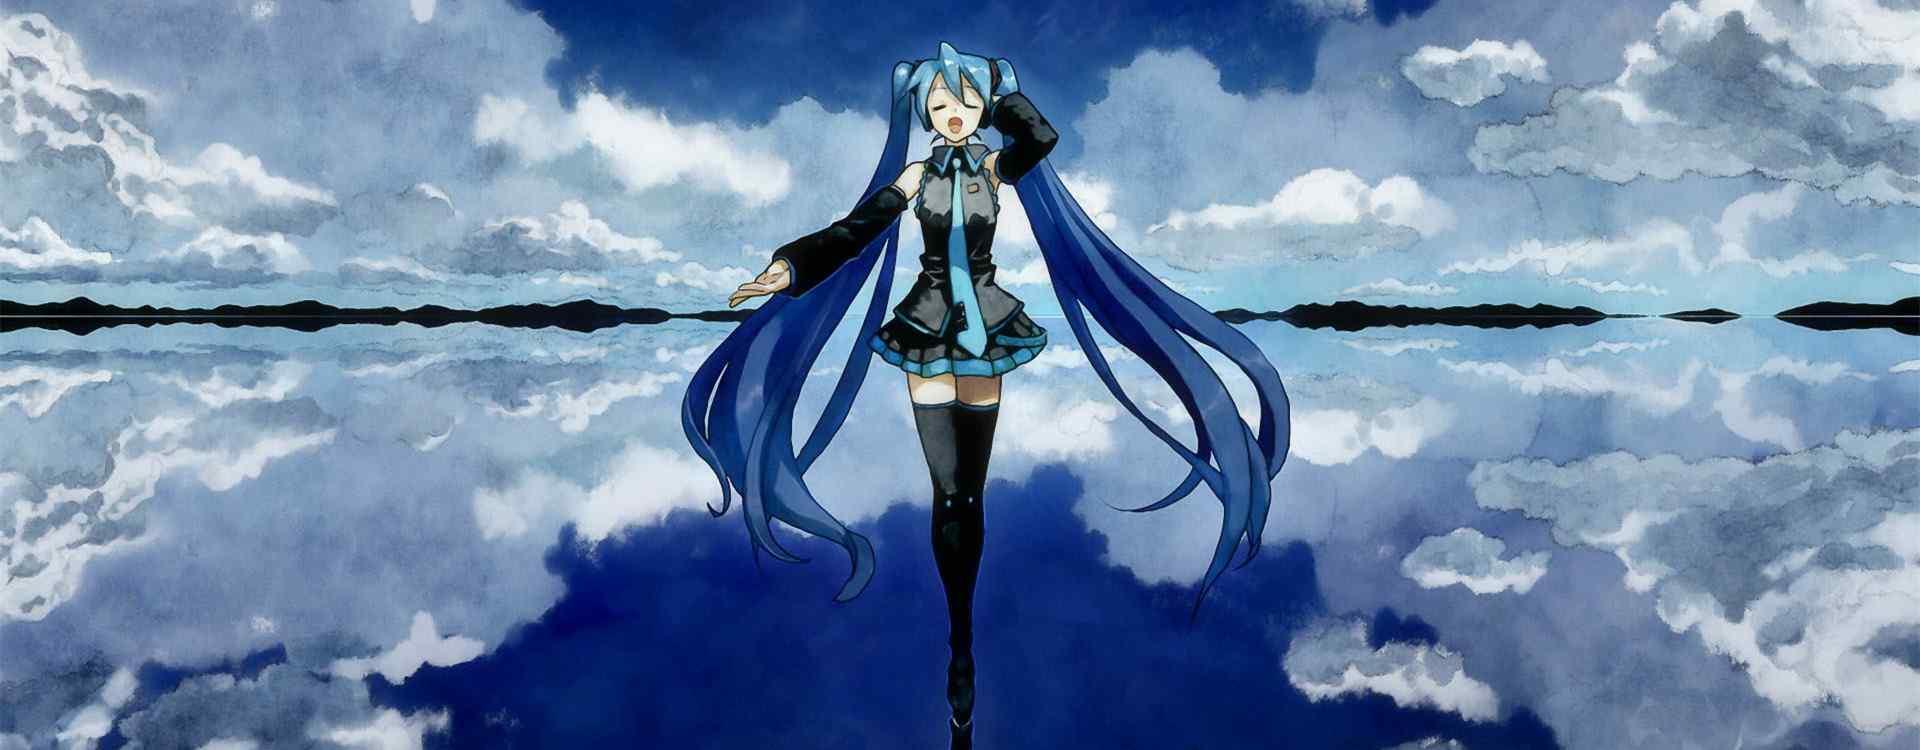 Vocaloid_初音未来壁纸_Vocaloid手机壁纸